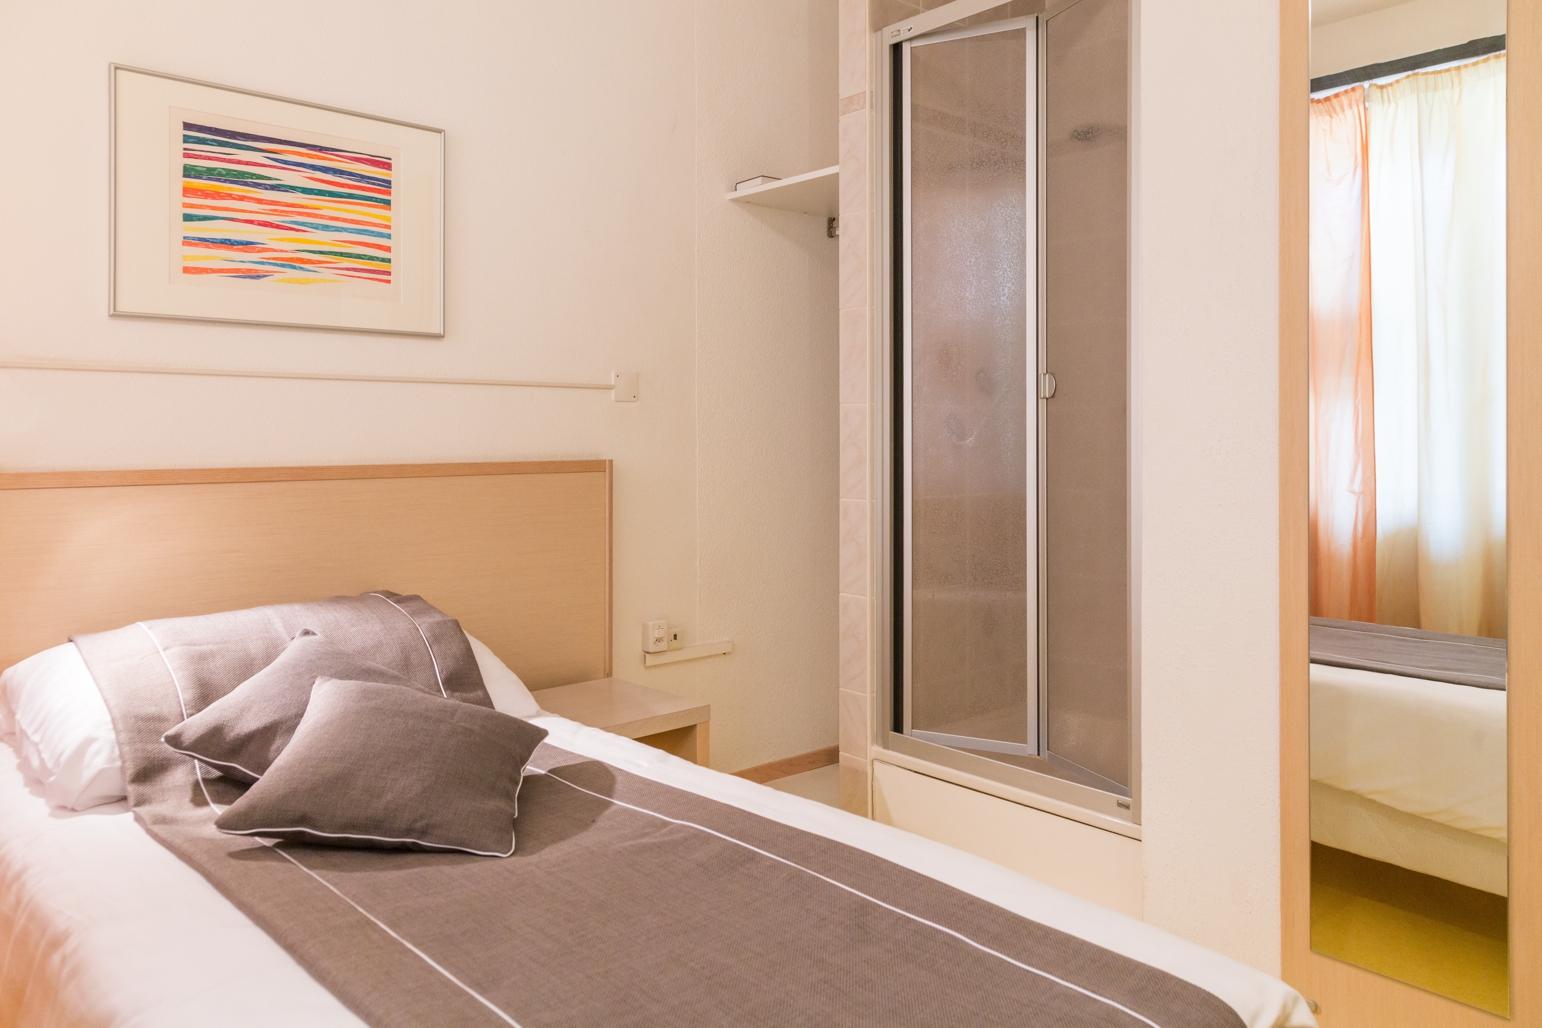 Chambre de 11m2 deco chambre parents amiens image photo for Deco cuisine 11m2